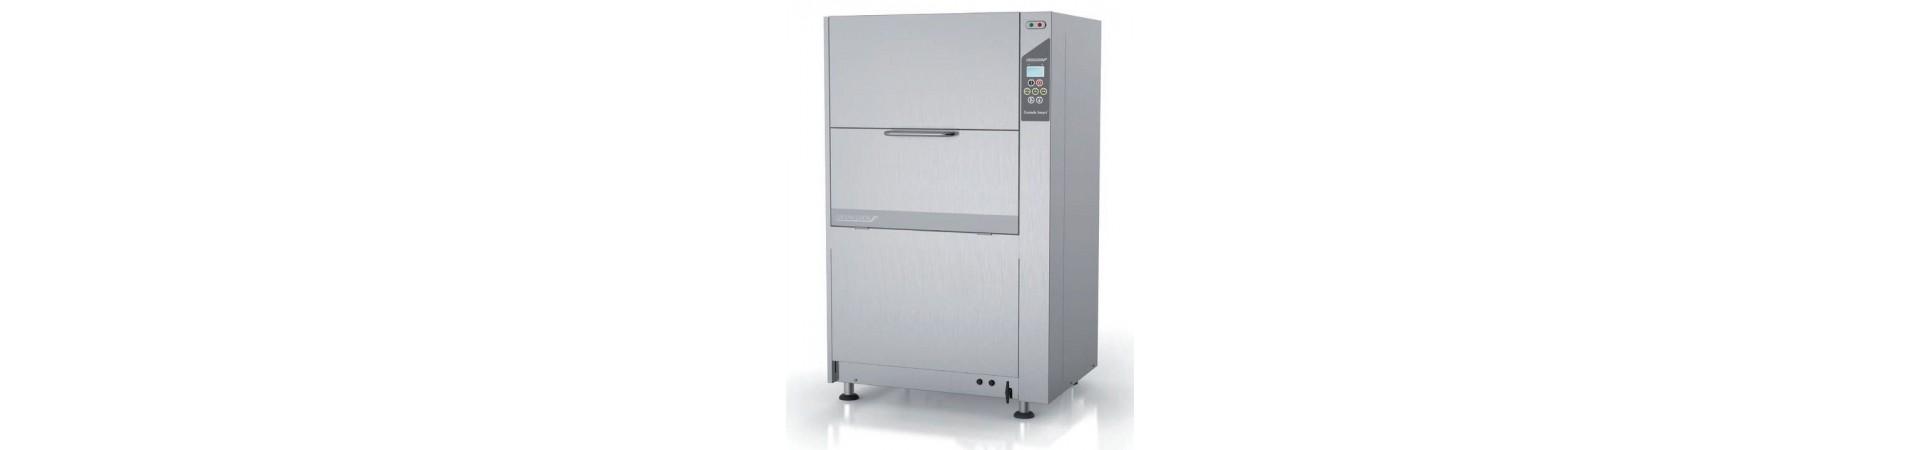 Lavavasos y lavavajillas analógicos o digitales, con garantía y envío rápido.